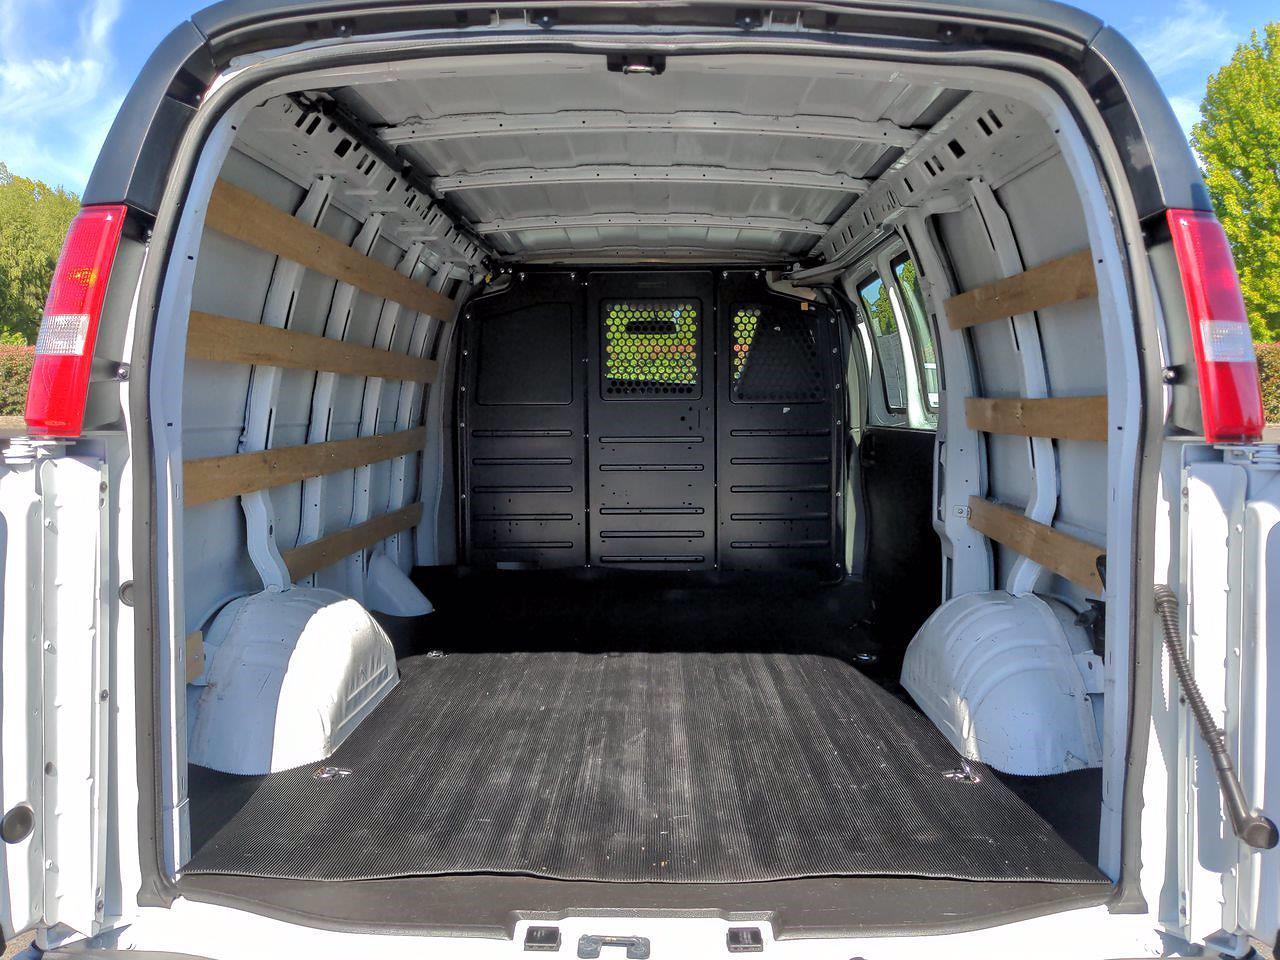 2018 GMC Savana 2500 4x2, Empty Cargo Van #D7293 - photo 1